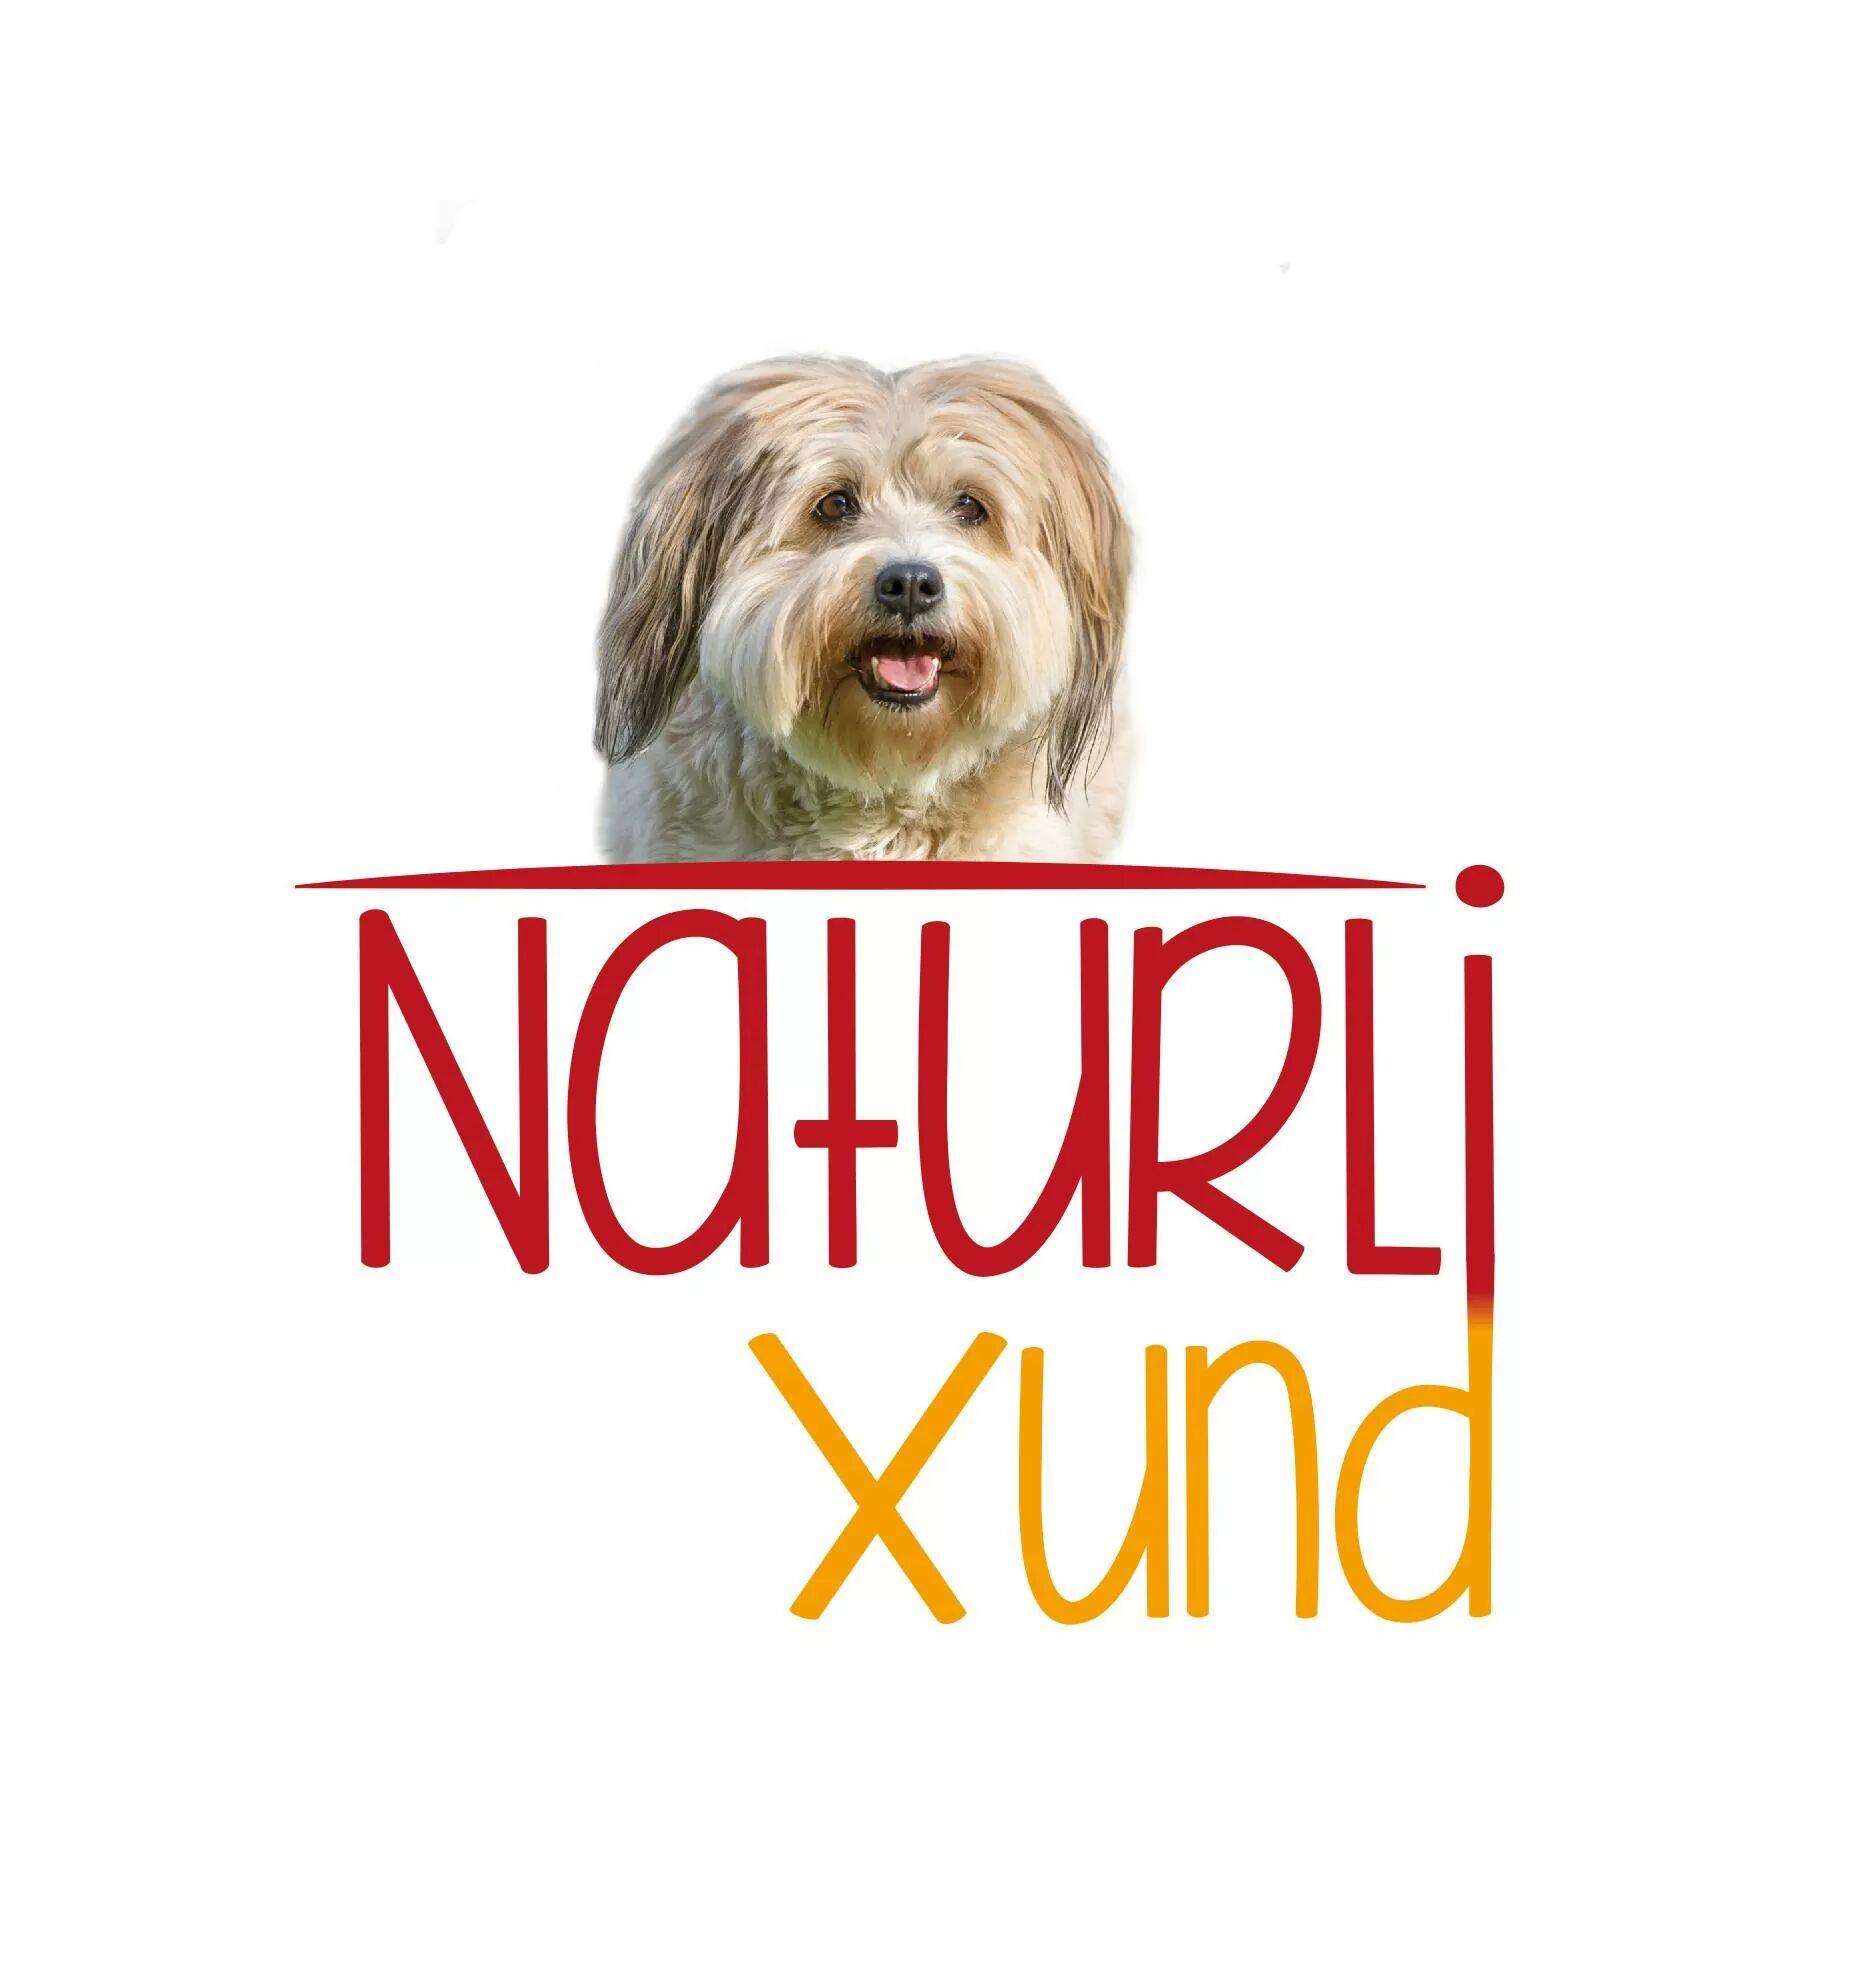 Natürli xund mit Bonsch als Marken-Gesicht